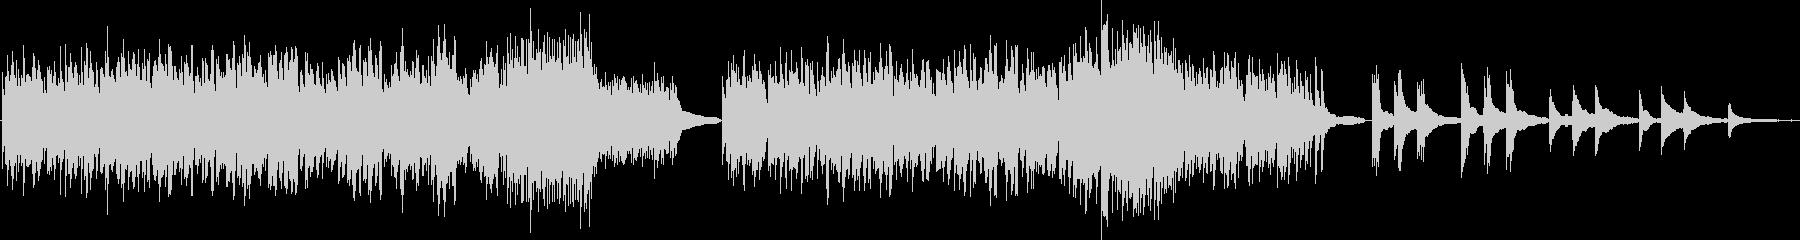 ノスタルジックなアルペジオ ピアノソロの未再生の波形